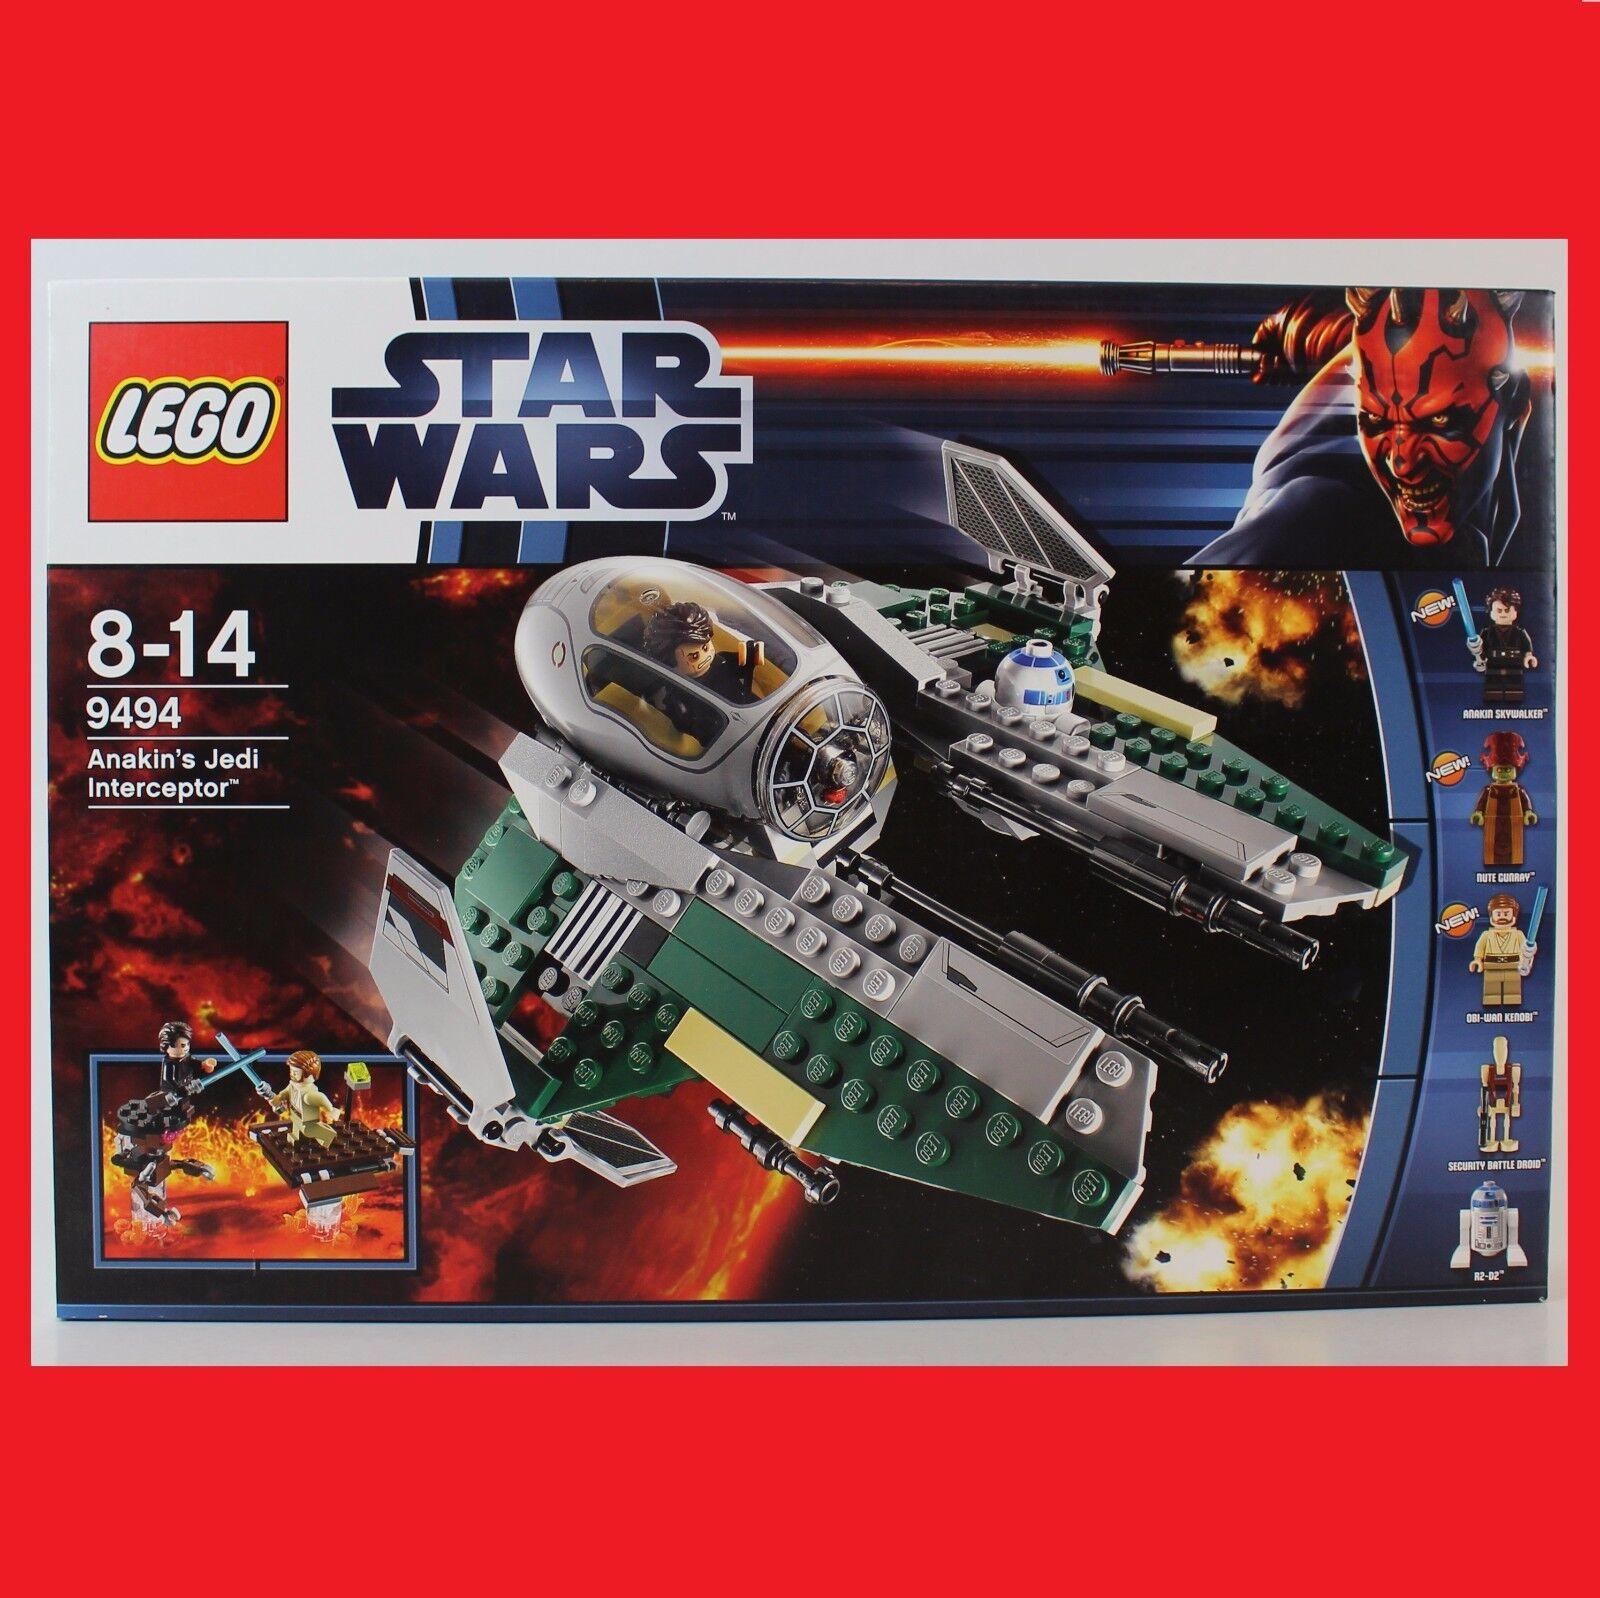 LEGO 9494 Star Wars Anakin's Jedi Interceptor past zu 75038 75135 selten EOL Neu